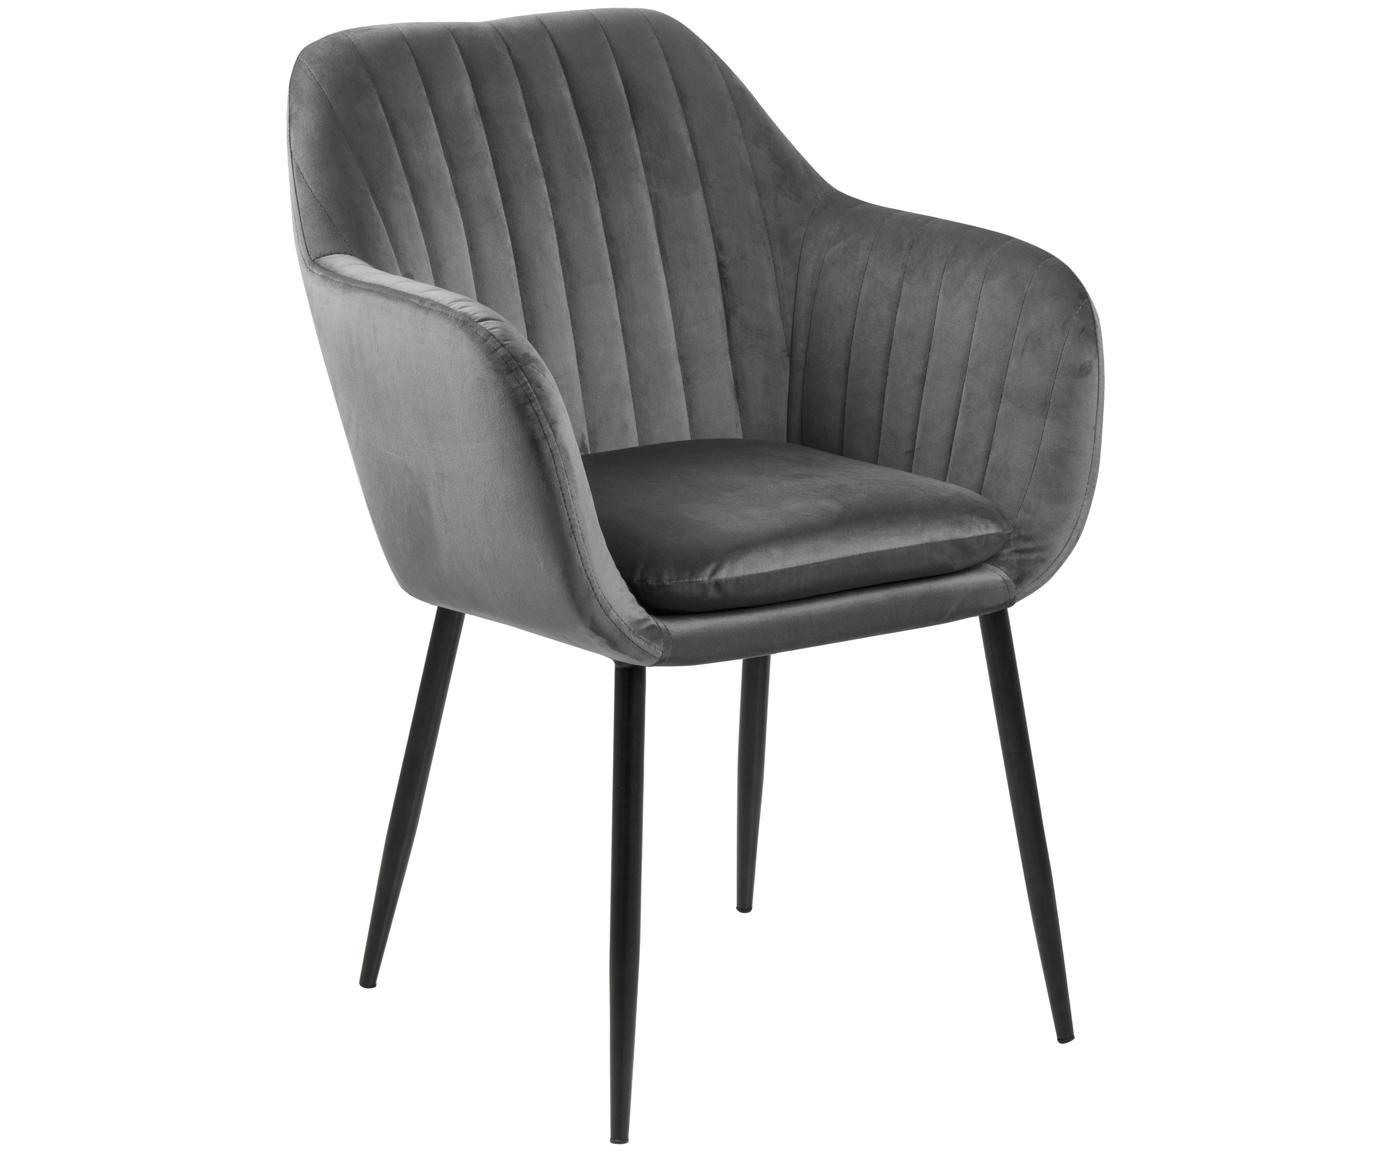 Fluwelen armstoel Emilia, Bekleding: polyester fluweel, Poten: gelakt metaal, Donkergrijs, zwart, B 57 x D 59 cm